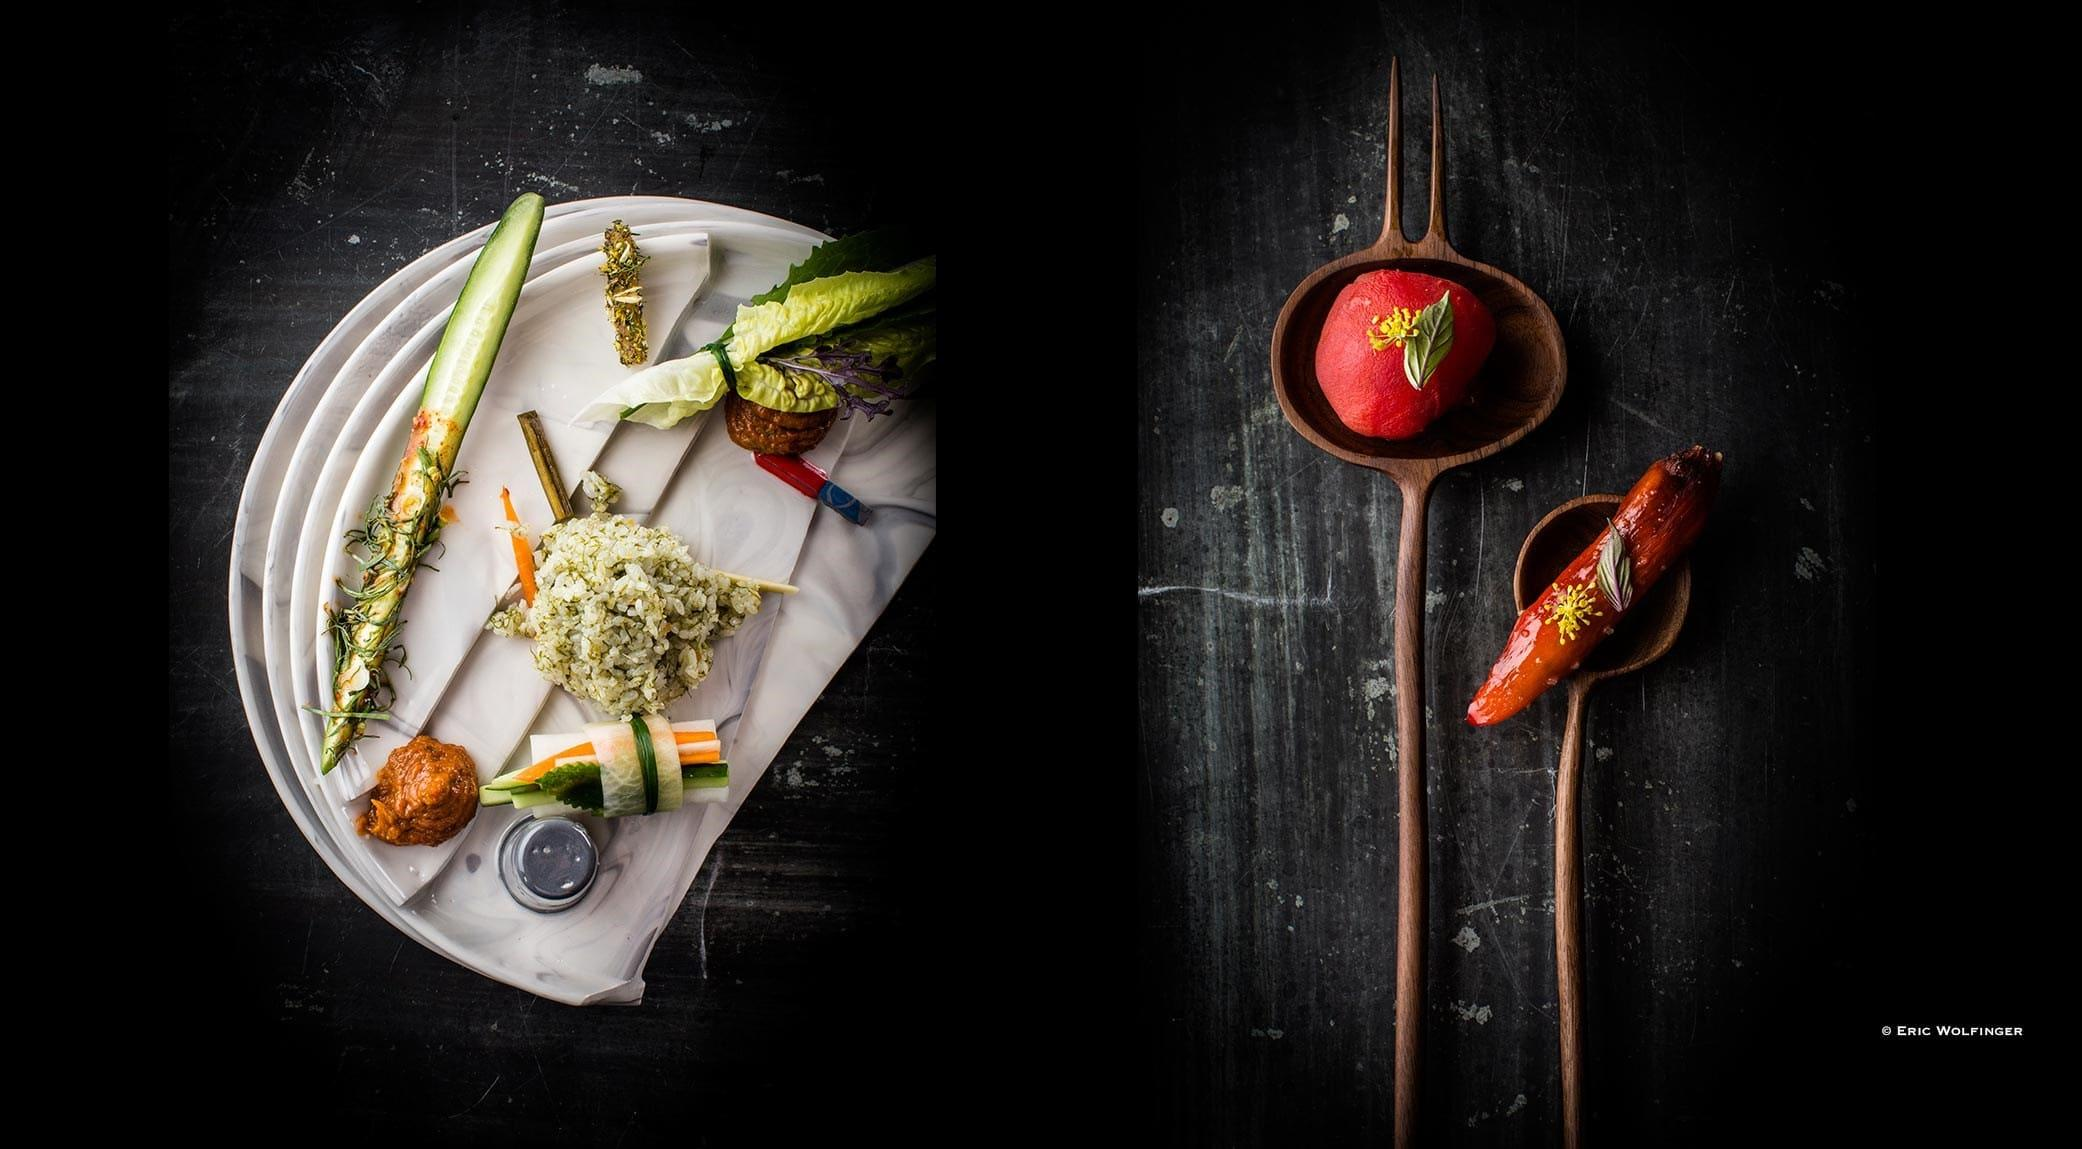 original_Steinbeisser-Experimental-Gastronomy-1.jpg